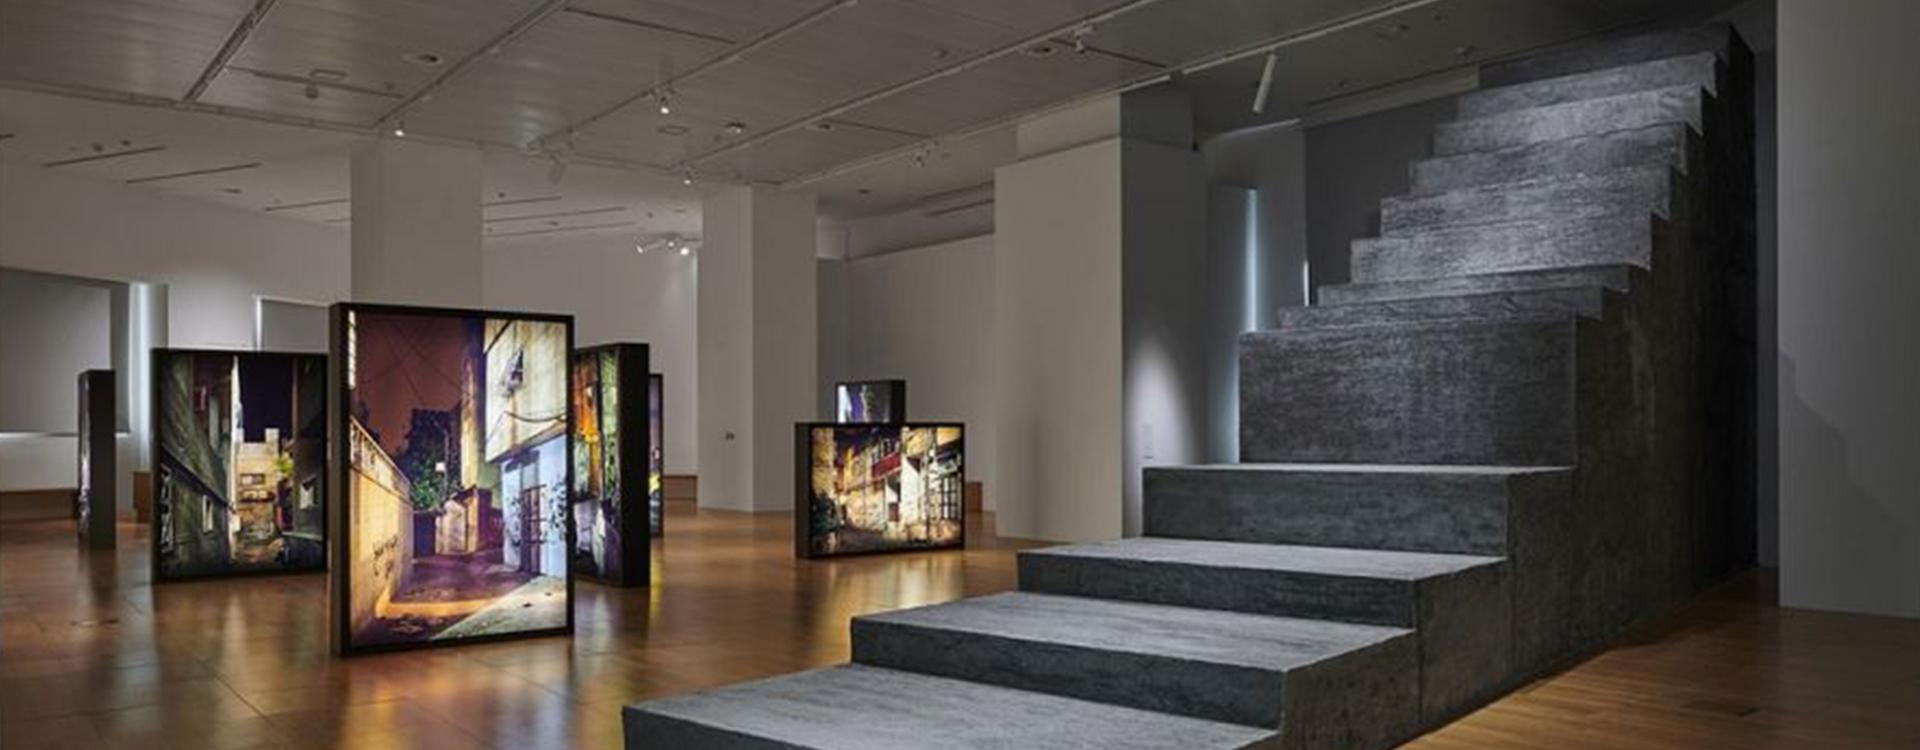 Edmund Gallery